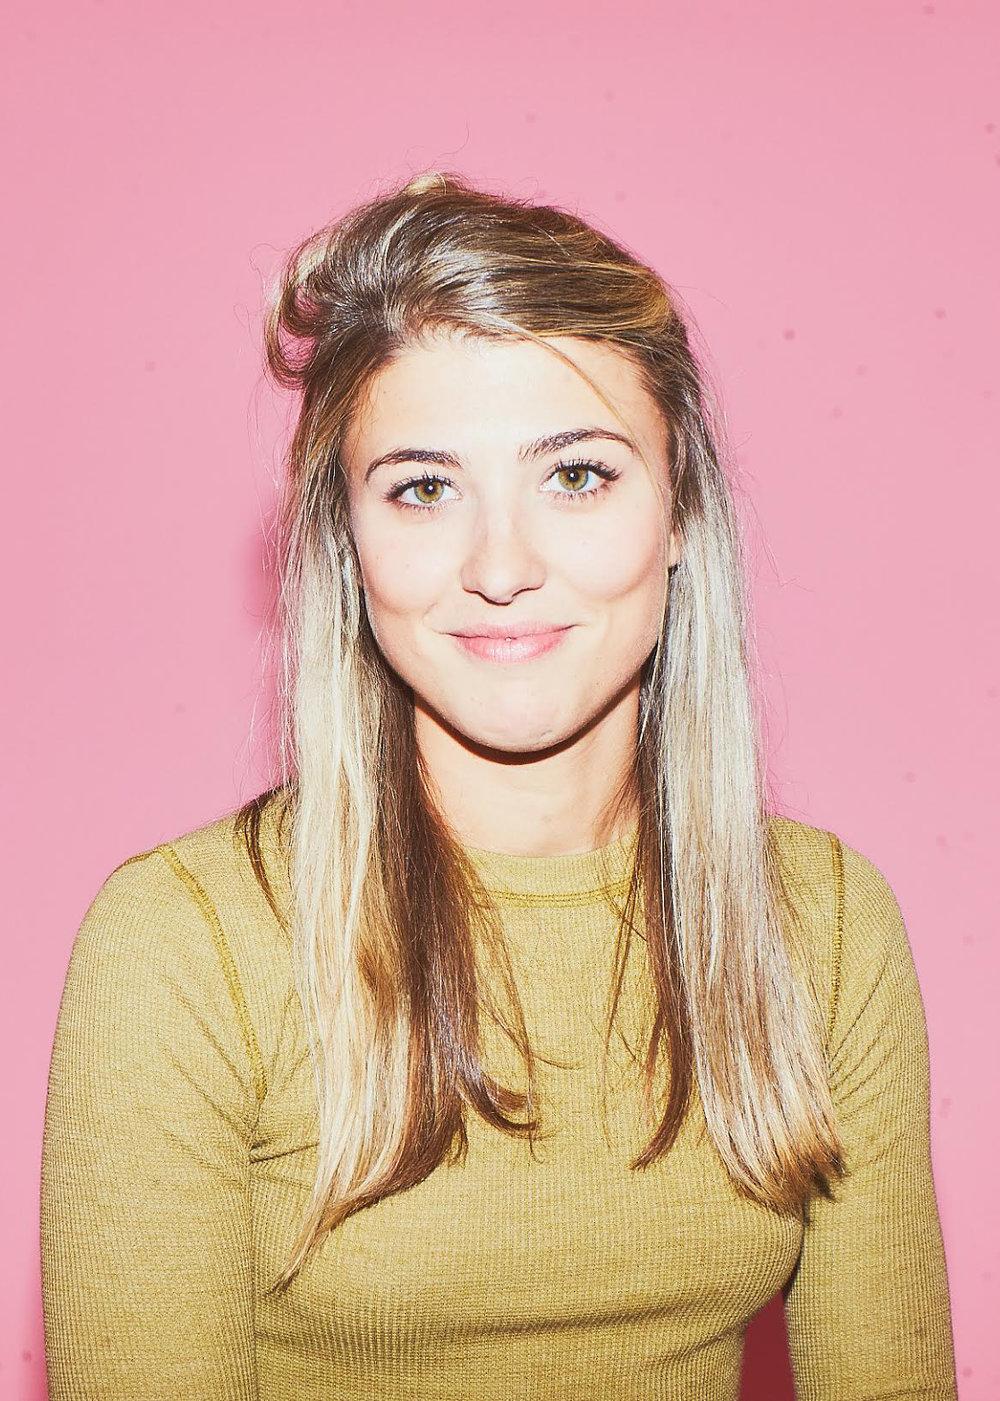 Samantha Moriarty